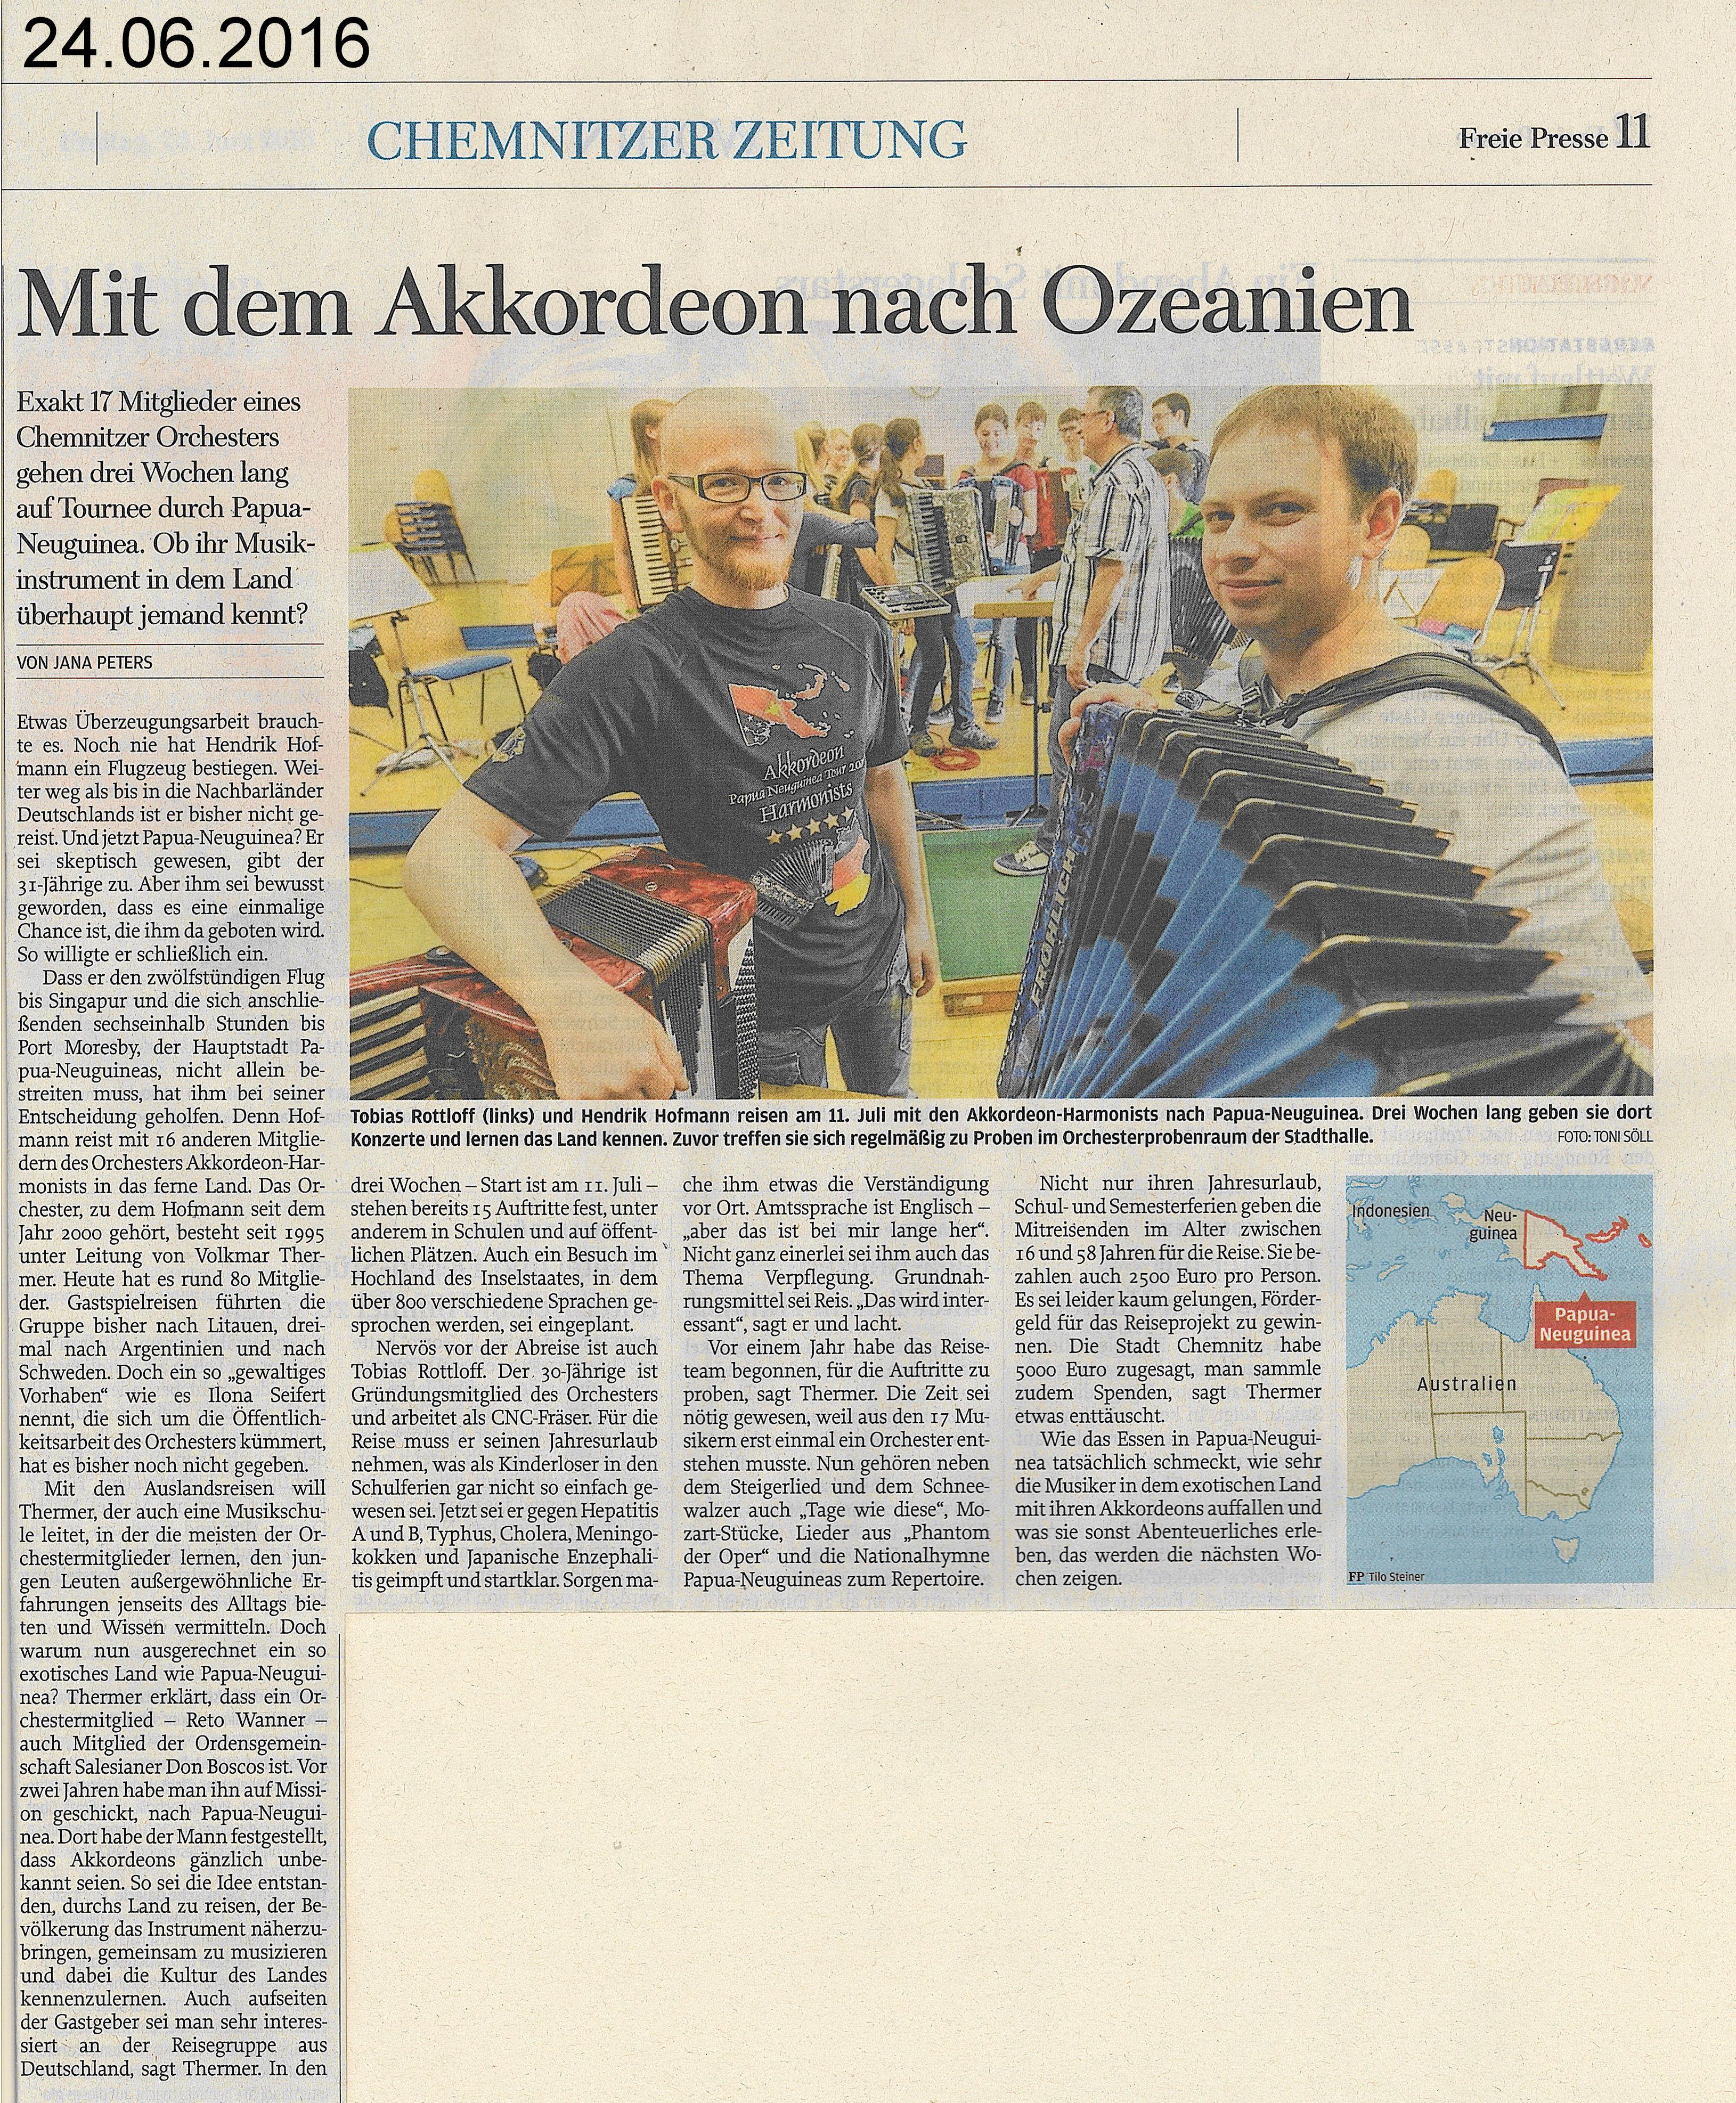 zeitung chemnitz freie presse